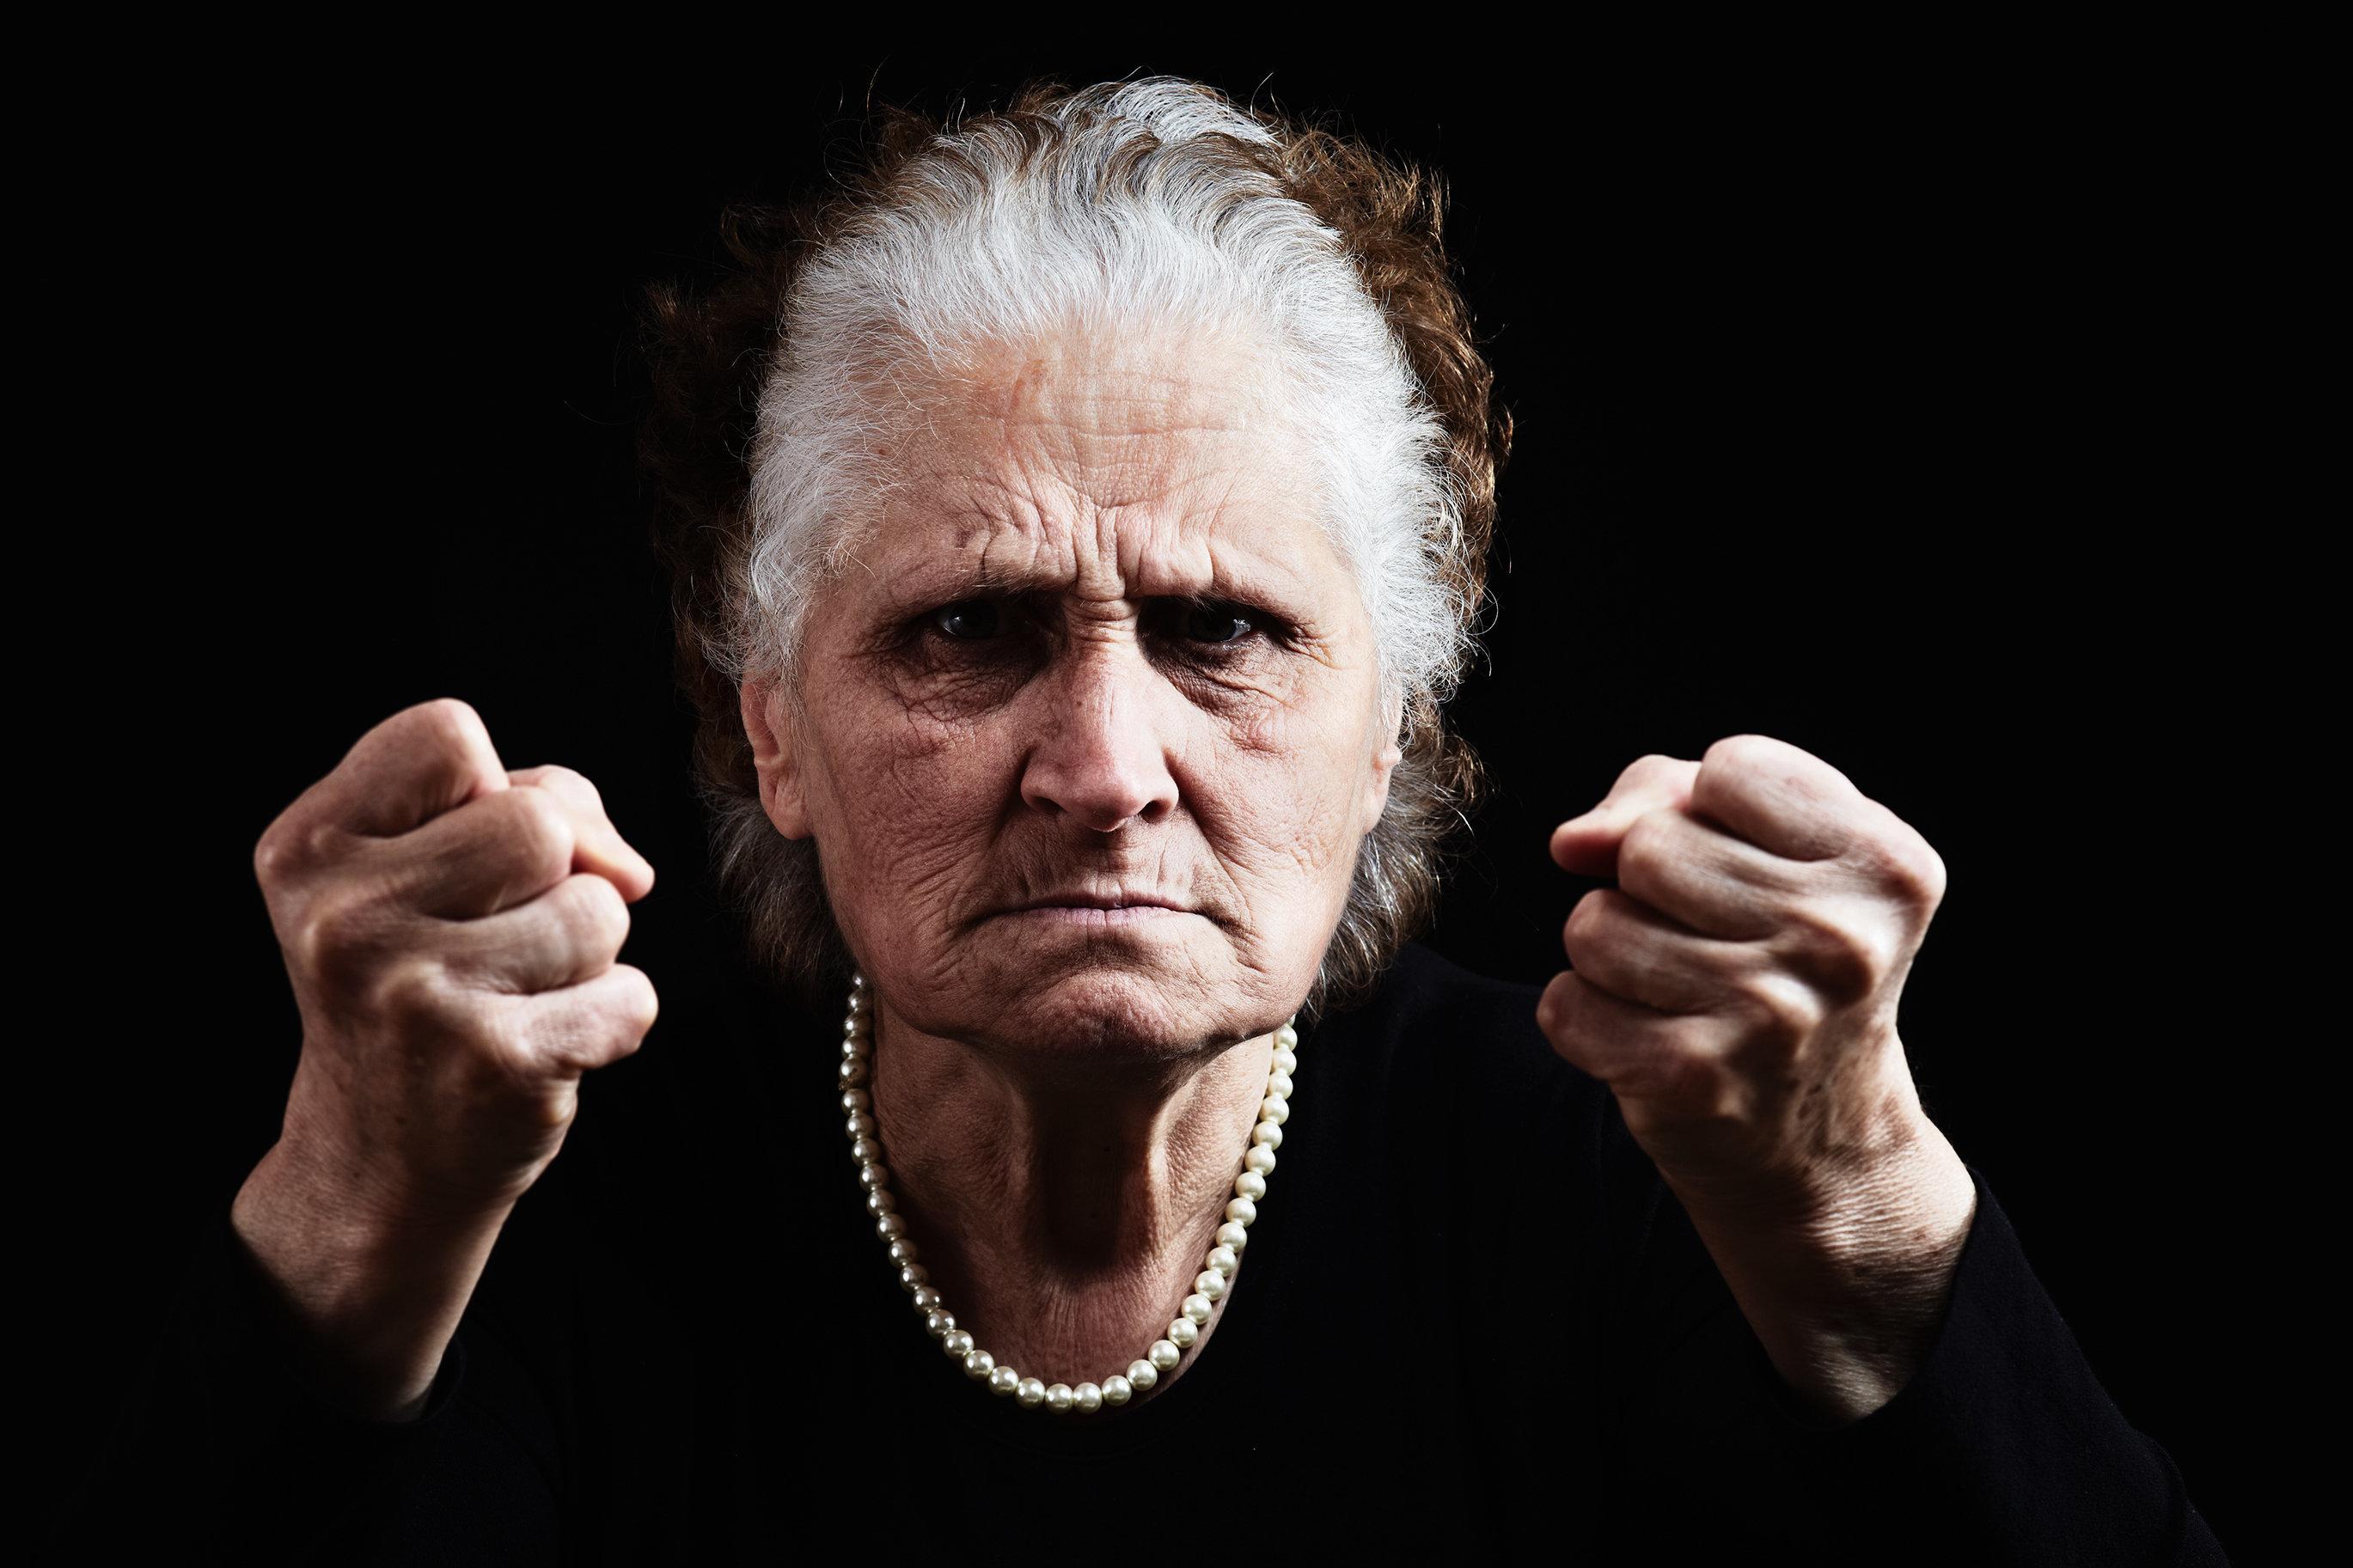 Σκέφτεστε να βάλετε τους γονείς σε γηροκομείο; Μια 92χρονη μητέρα στις ΗΠΑ δεν το δέχτηκε αμαχητί.